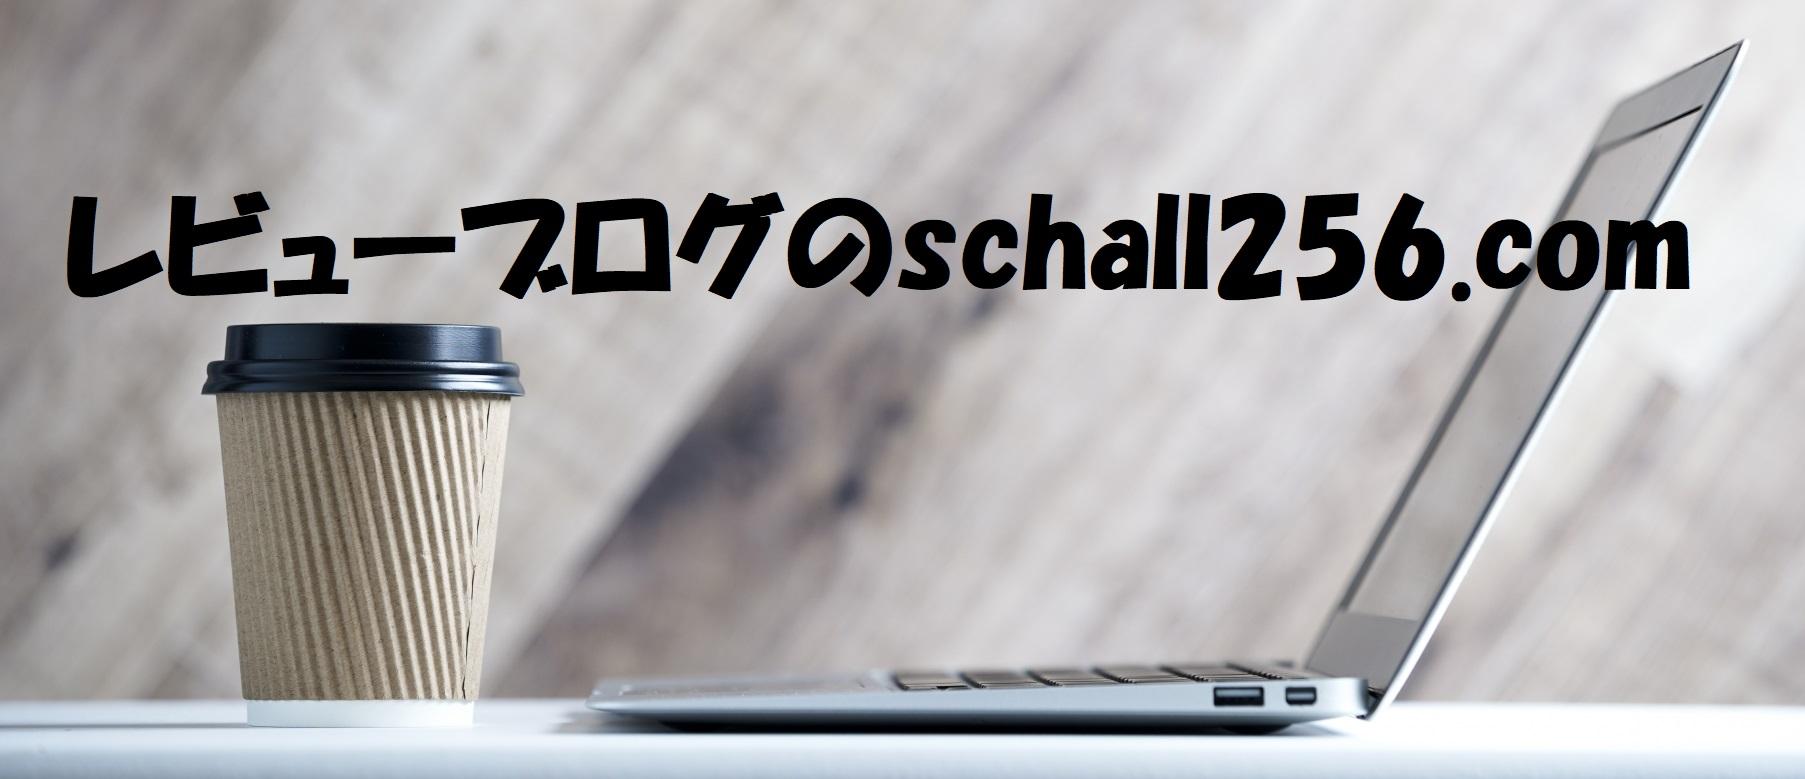 レビューブログのschall256.com